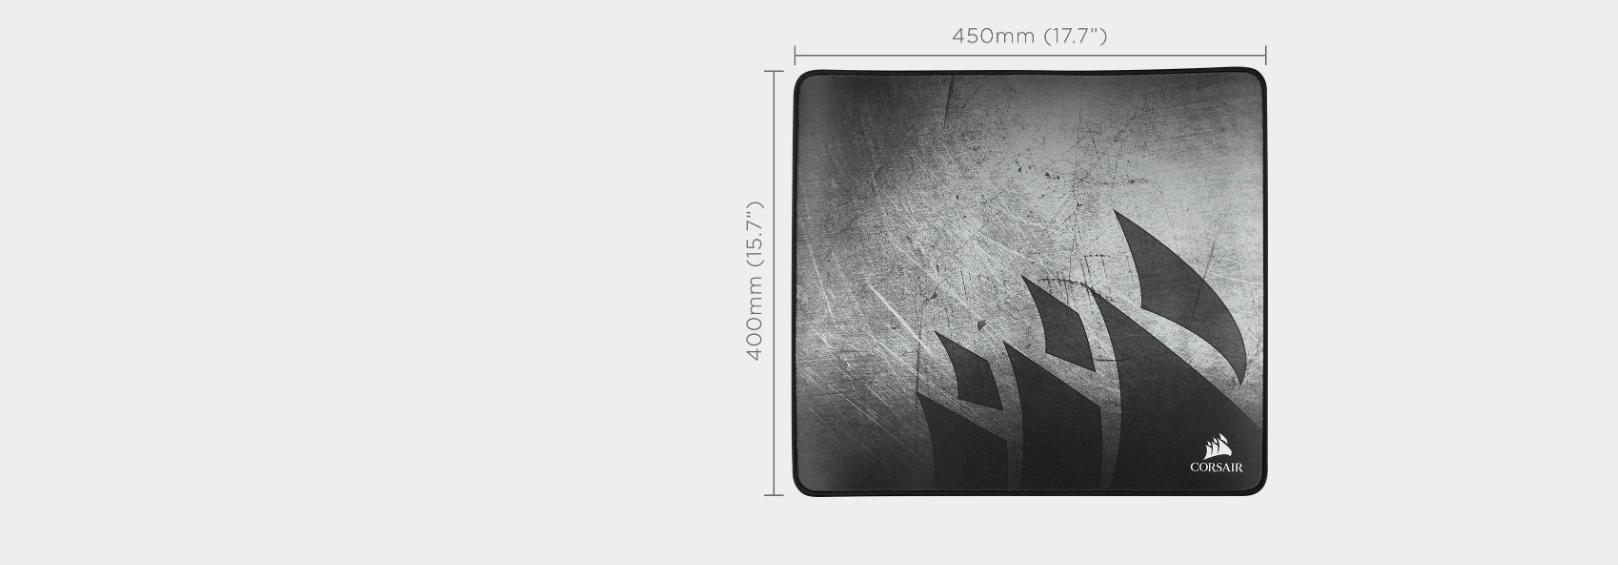 Bàn di chuột Corsair MM350 X-Large 450 x 400 x 5mm CH-9413561-WW Xám  có kích thước lớn